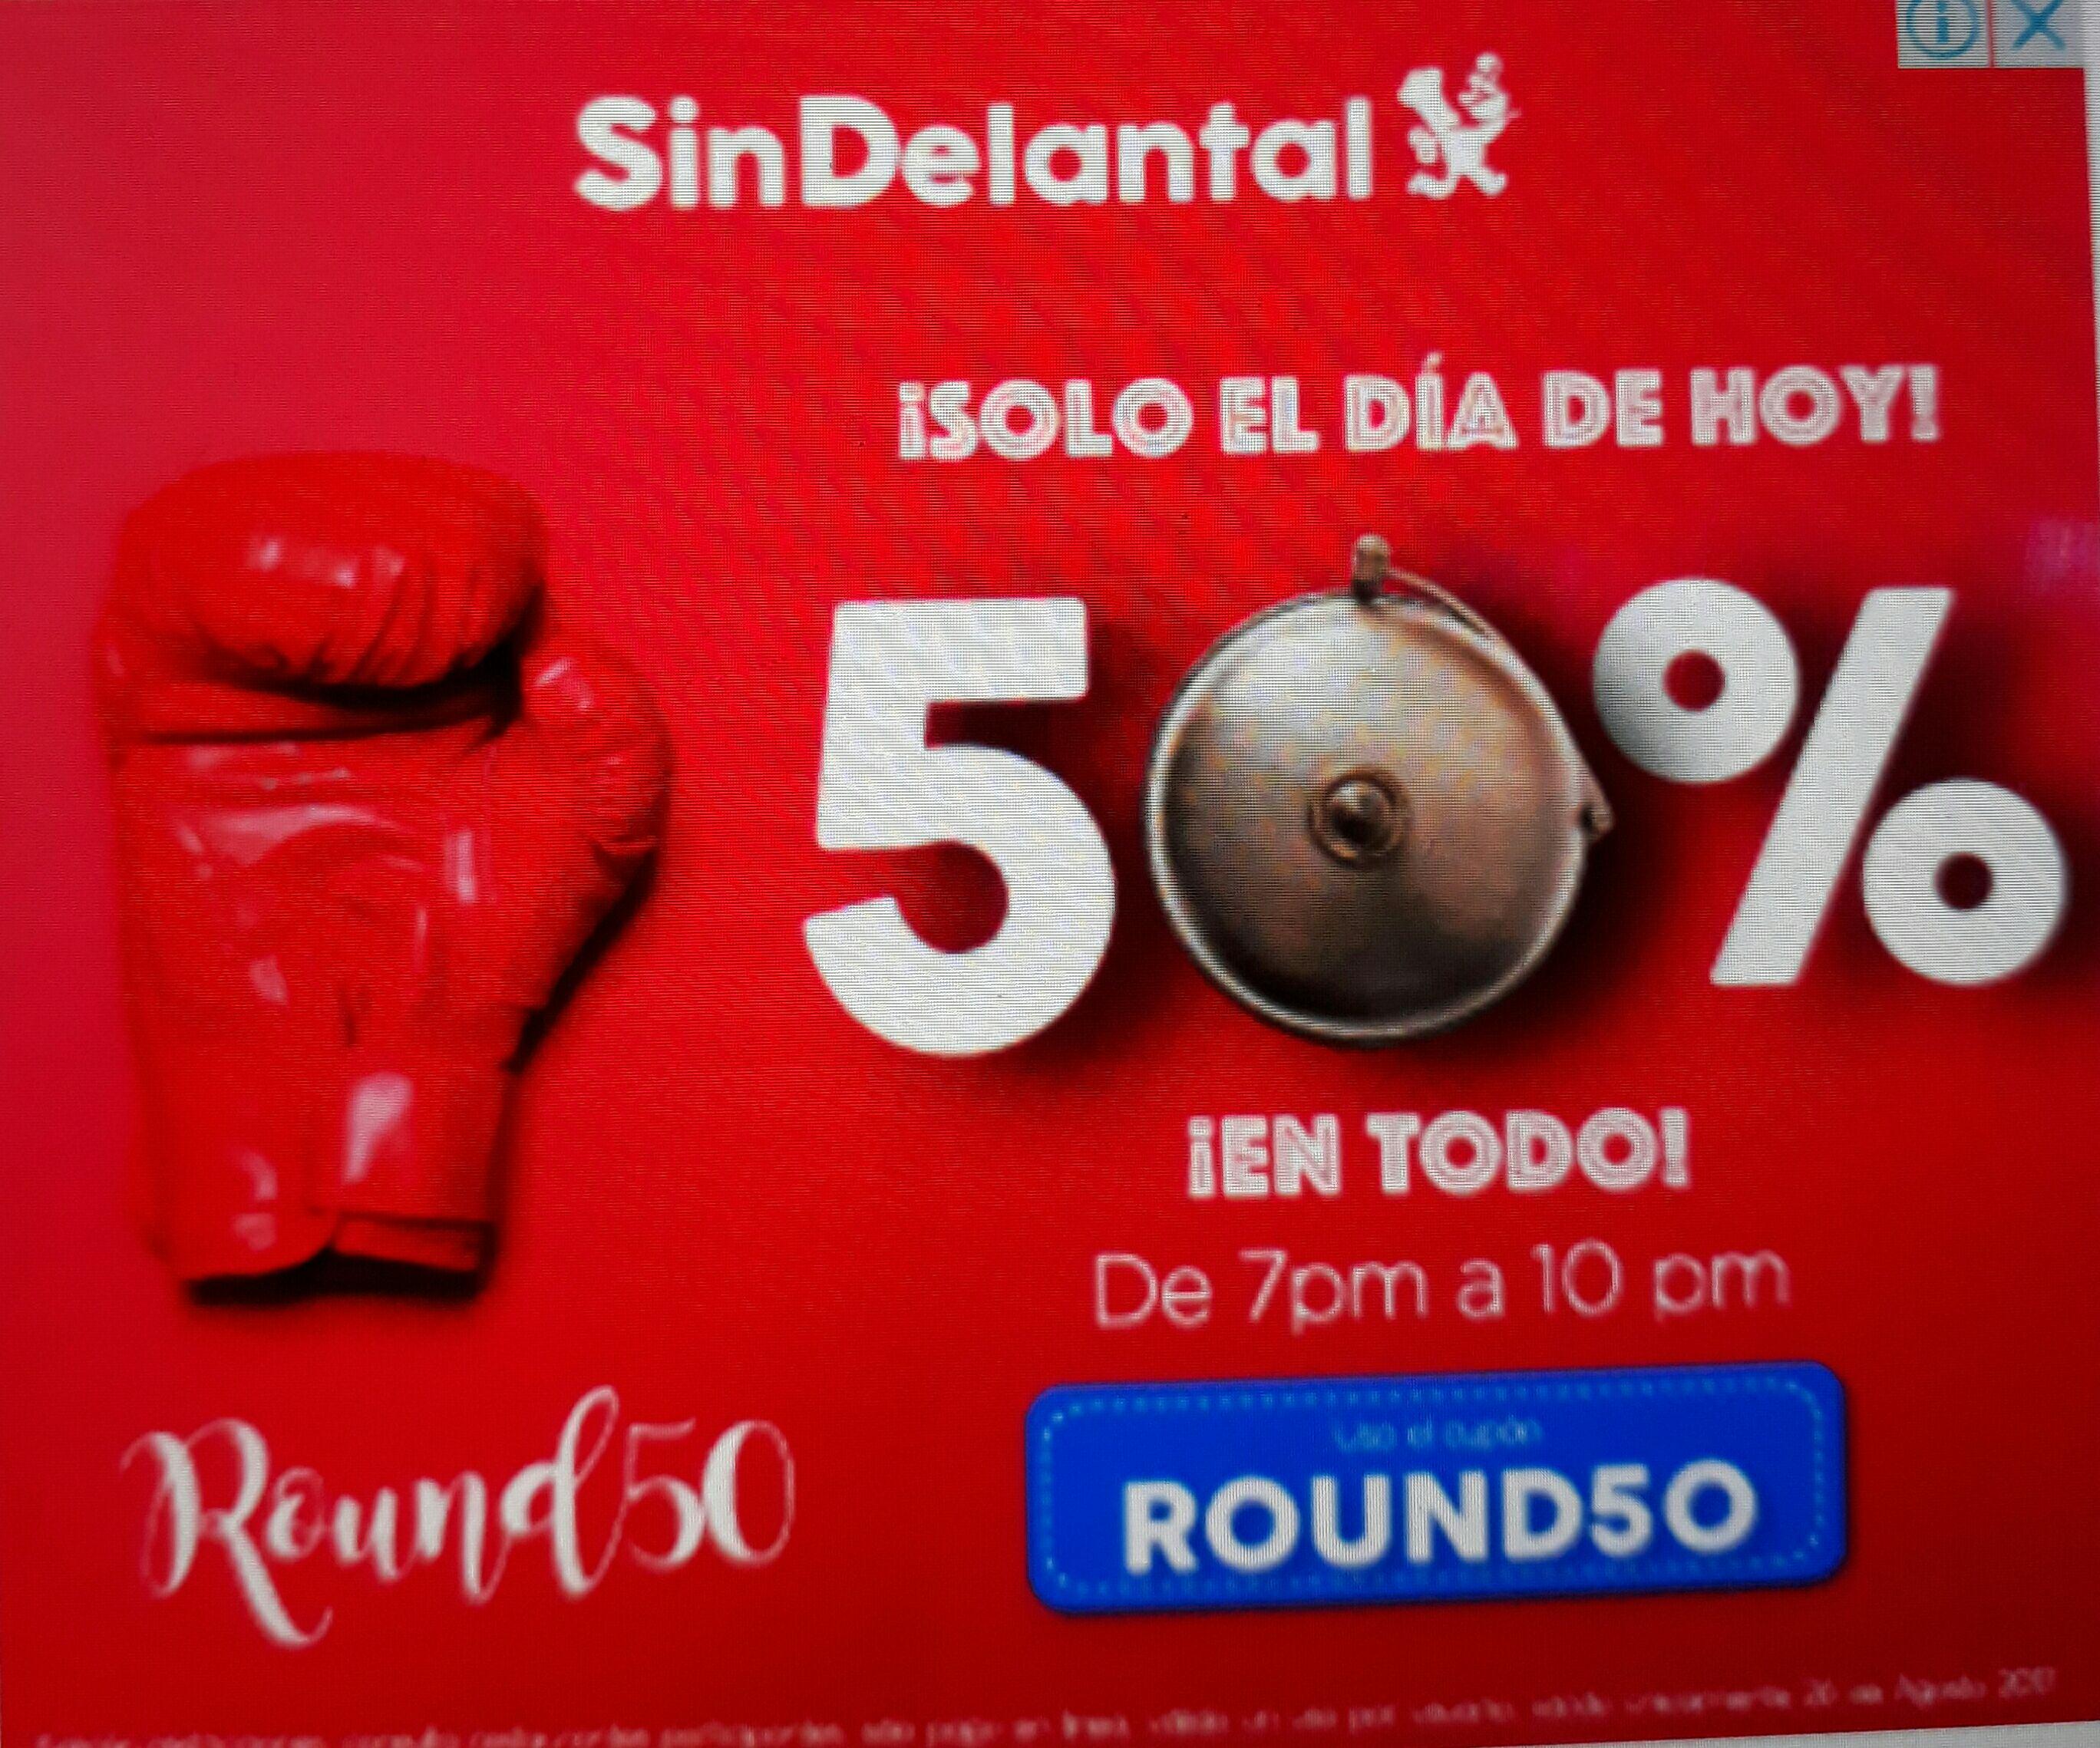 Sin Delantal: 50% de descuento el dia de hoy para la pelea!!! De 7 a 10